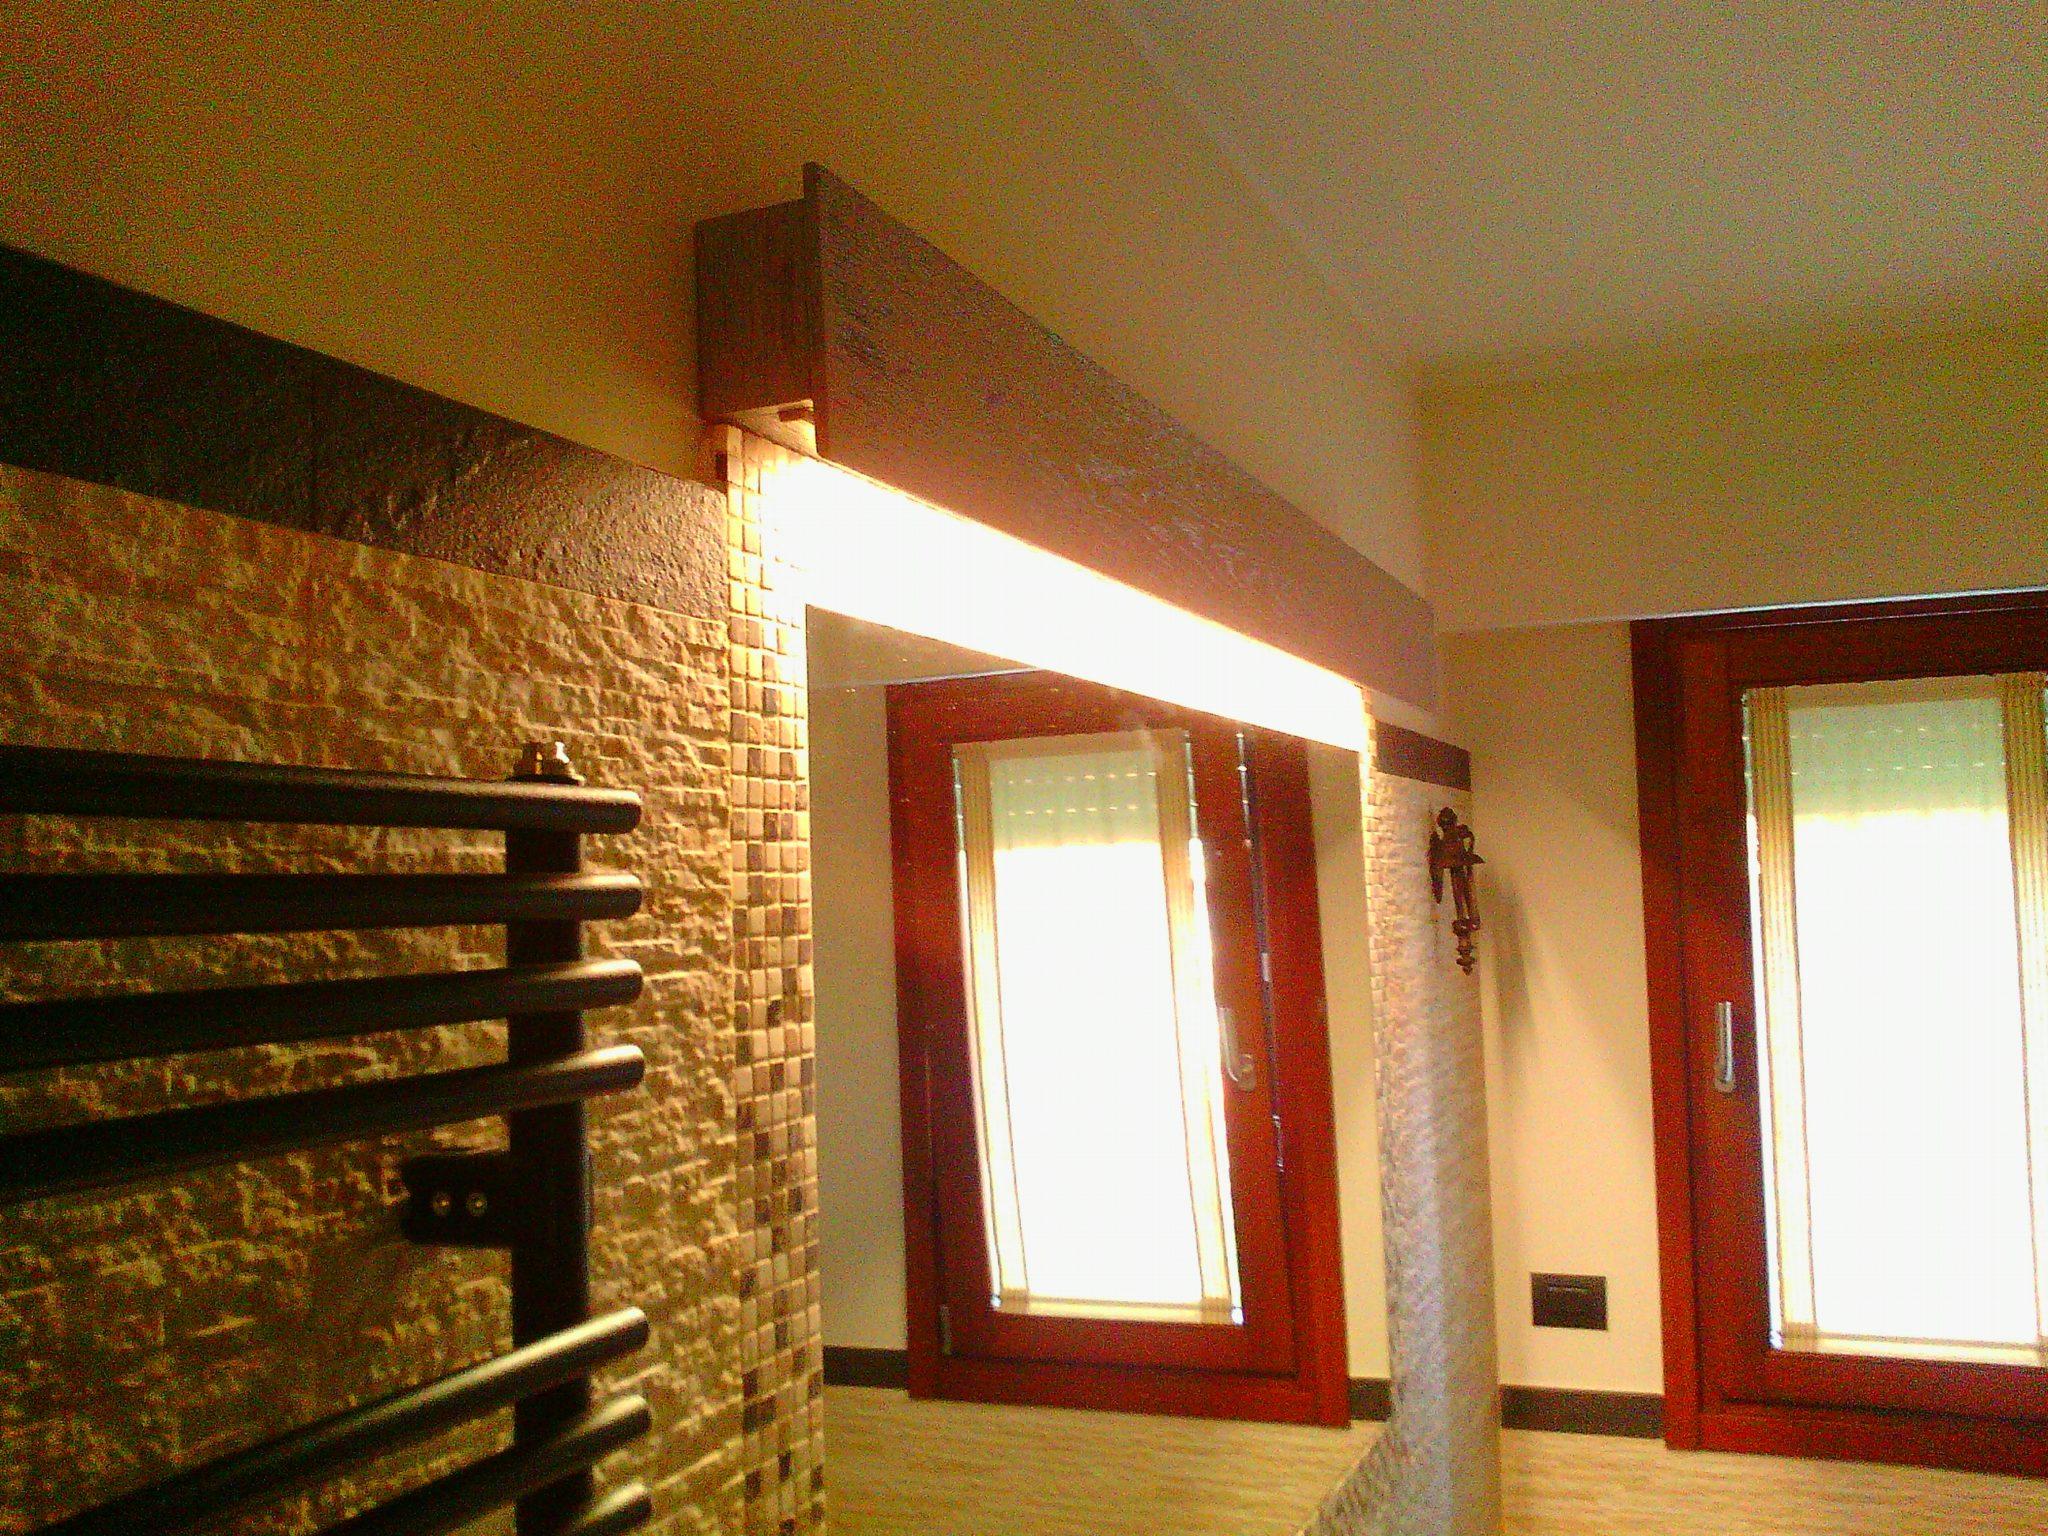 Lampada legno all'interno del bagno